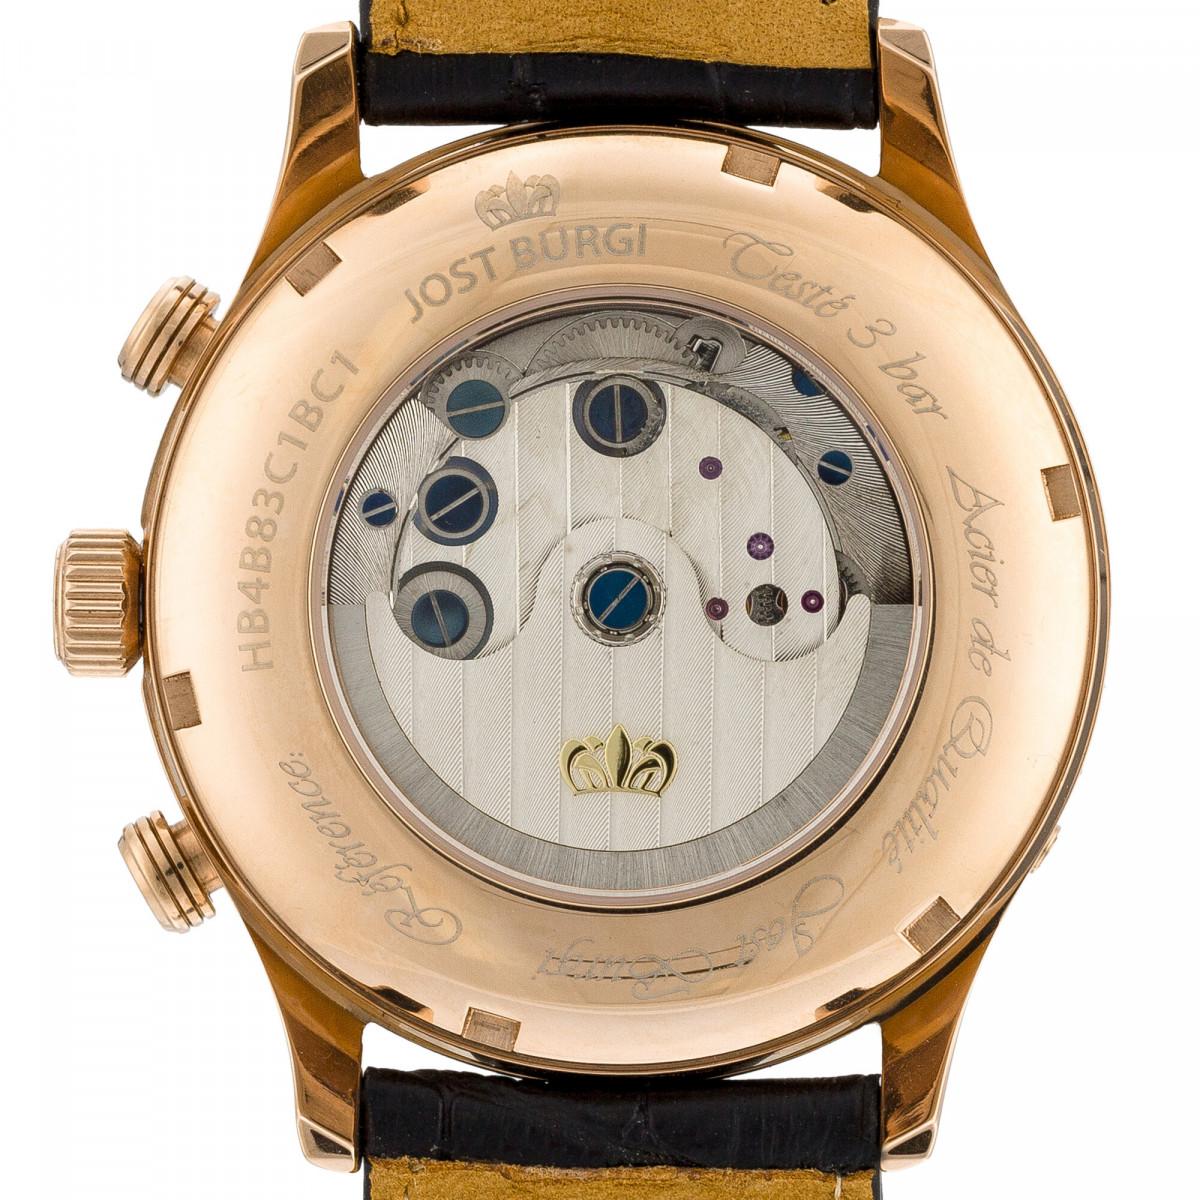 """Montre Jost Burgi """"LA METROPOLE"""" bracelet cuir - HB4B83C1BC1"""